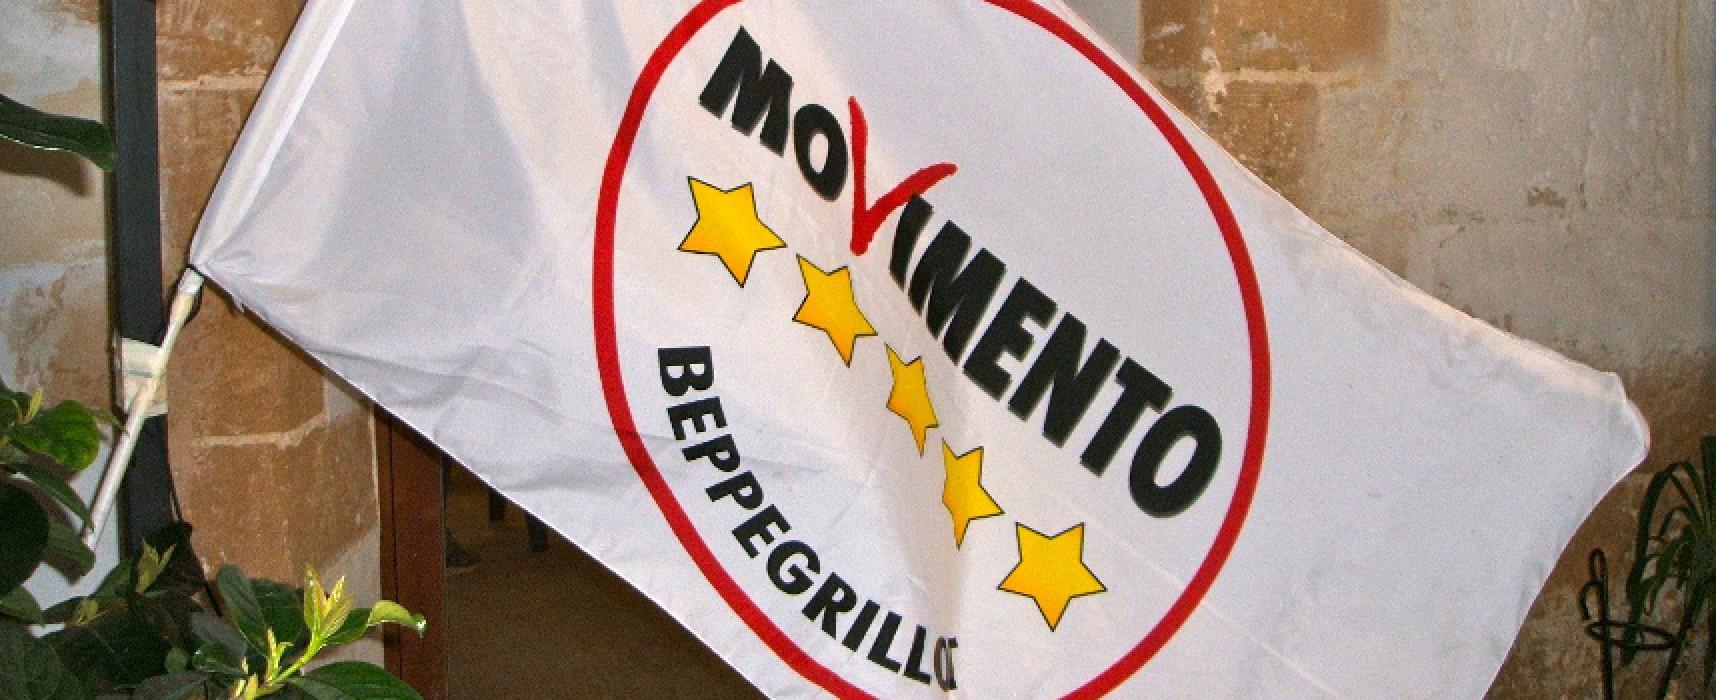 """Movimento 5 Stelle ad Amministrazione comunale, """"Piano regolatore non adeguato a piano paesaggistico regionale"""""""